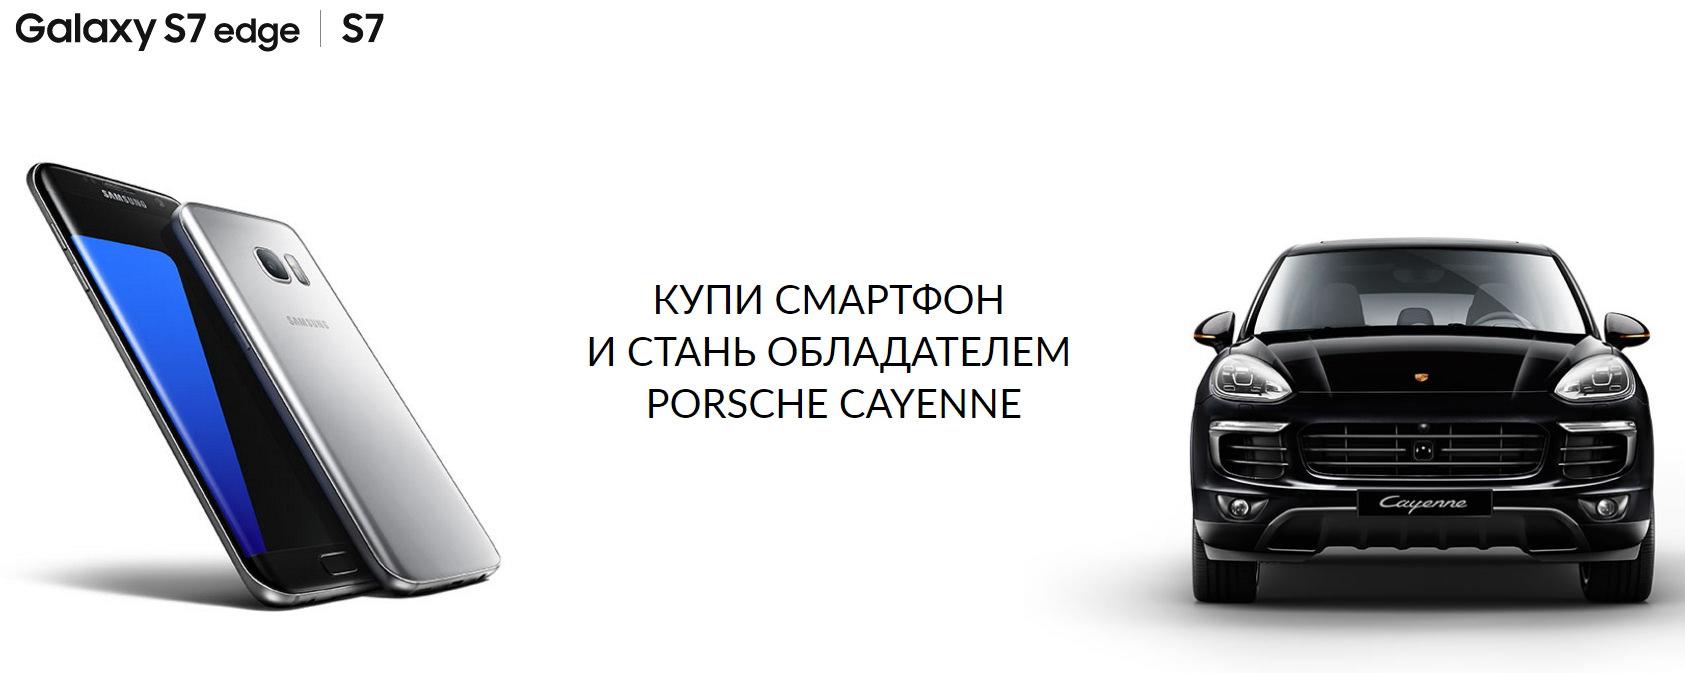 Samsung Galaxy S7 edge Porsche Cayenne